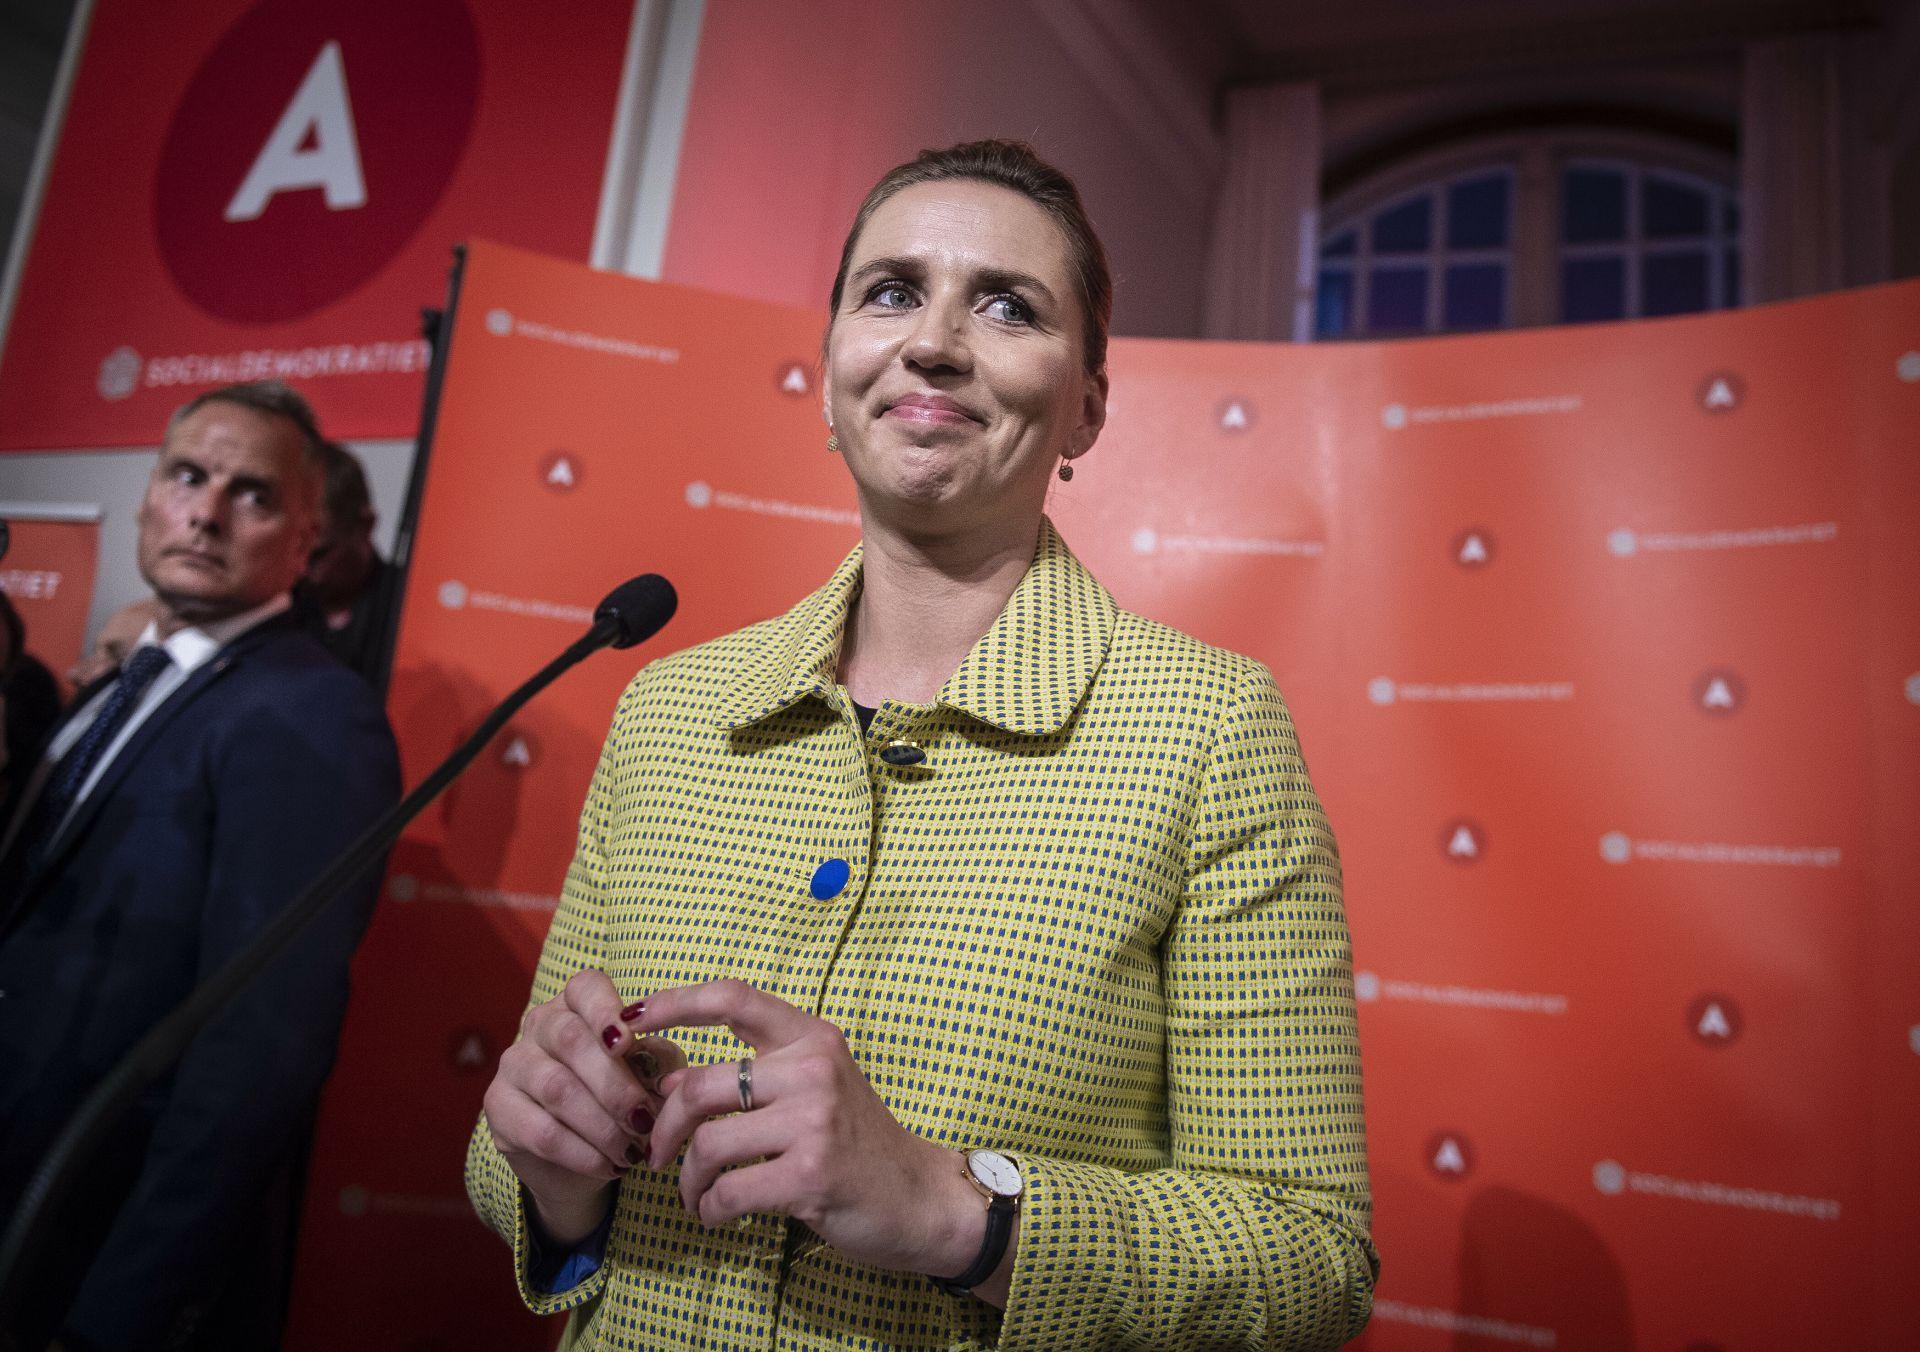 41-годишната Мете Фредериксен е на път да стане най-младият министър-председател в историята на Дания